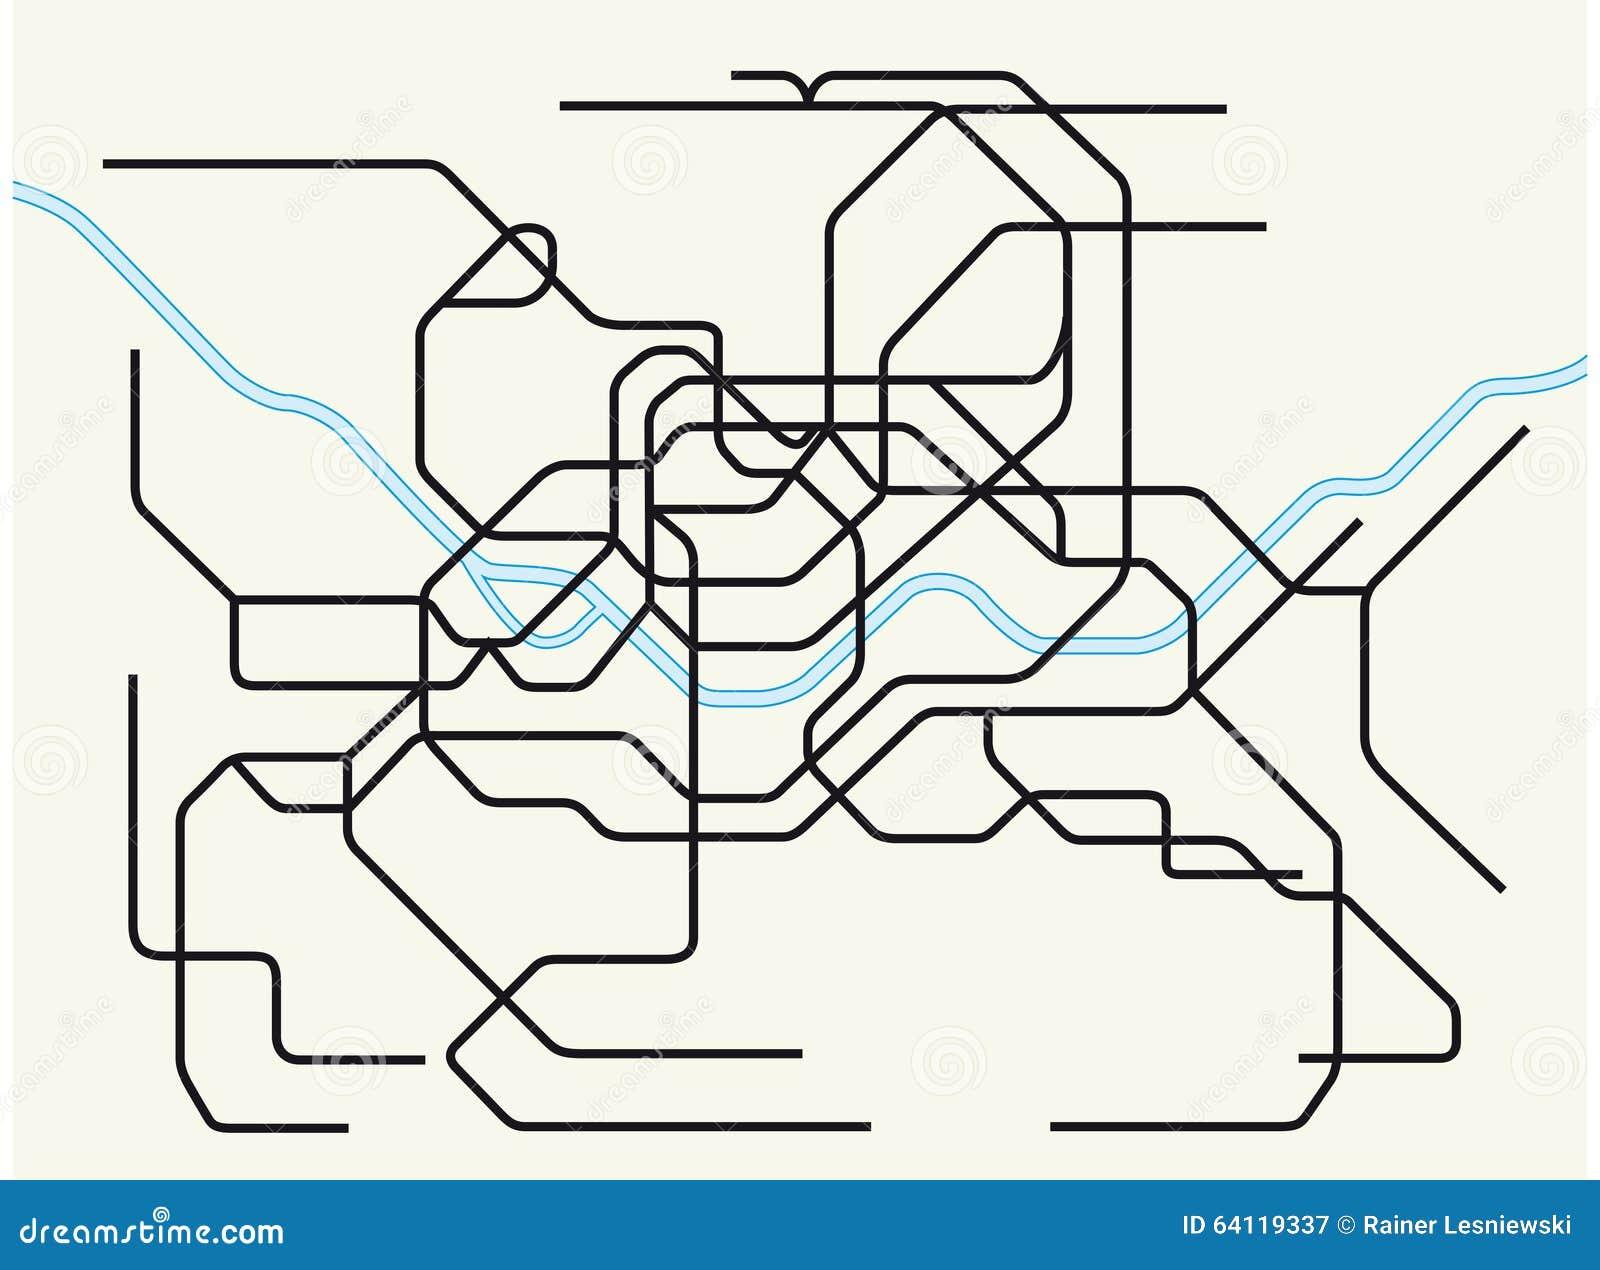 Seoul Metropolitan Subway Map Download.Seoul Metropolitan Subway Map Stock Illustration Illustration Of